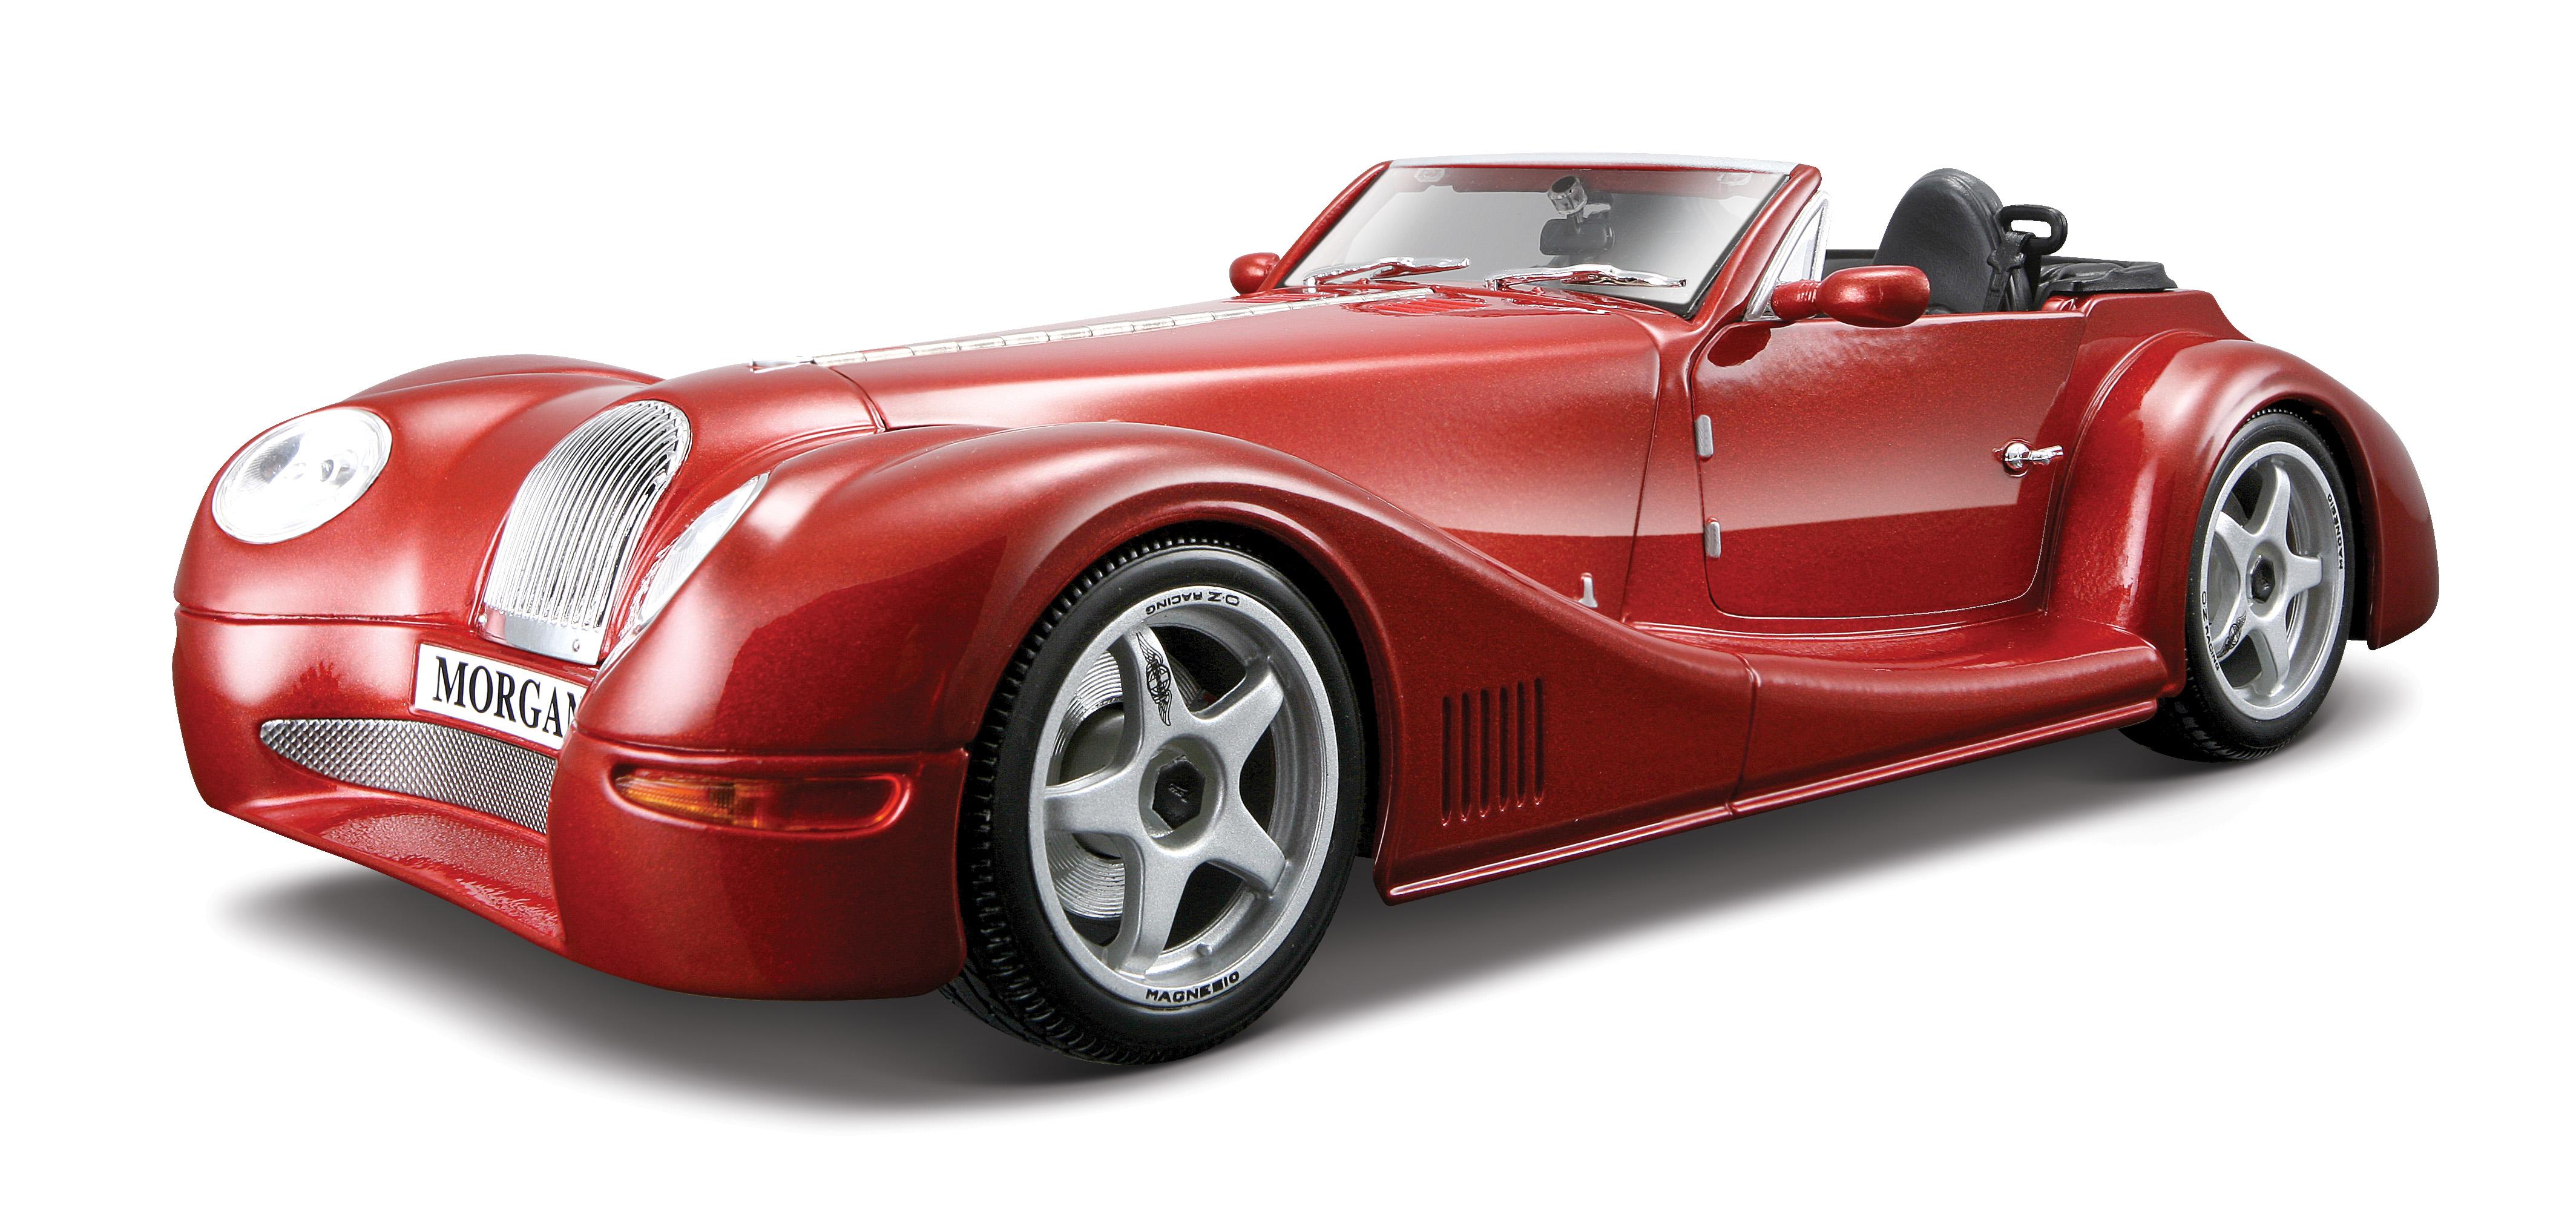 Future Cars Are Go! - HuffPost UKFuture Cars Are Go! - 웹